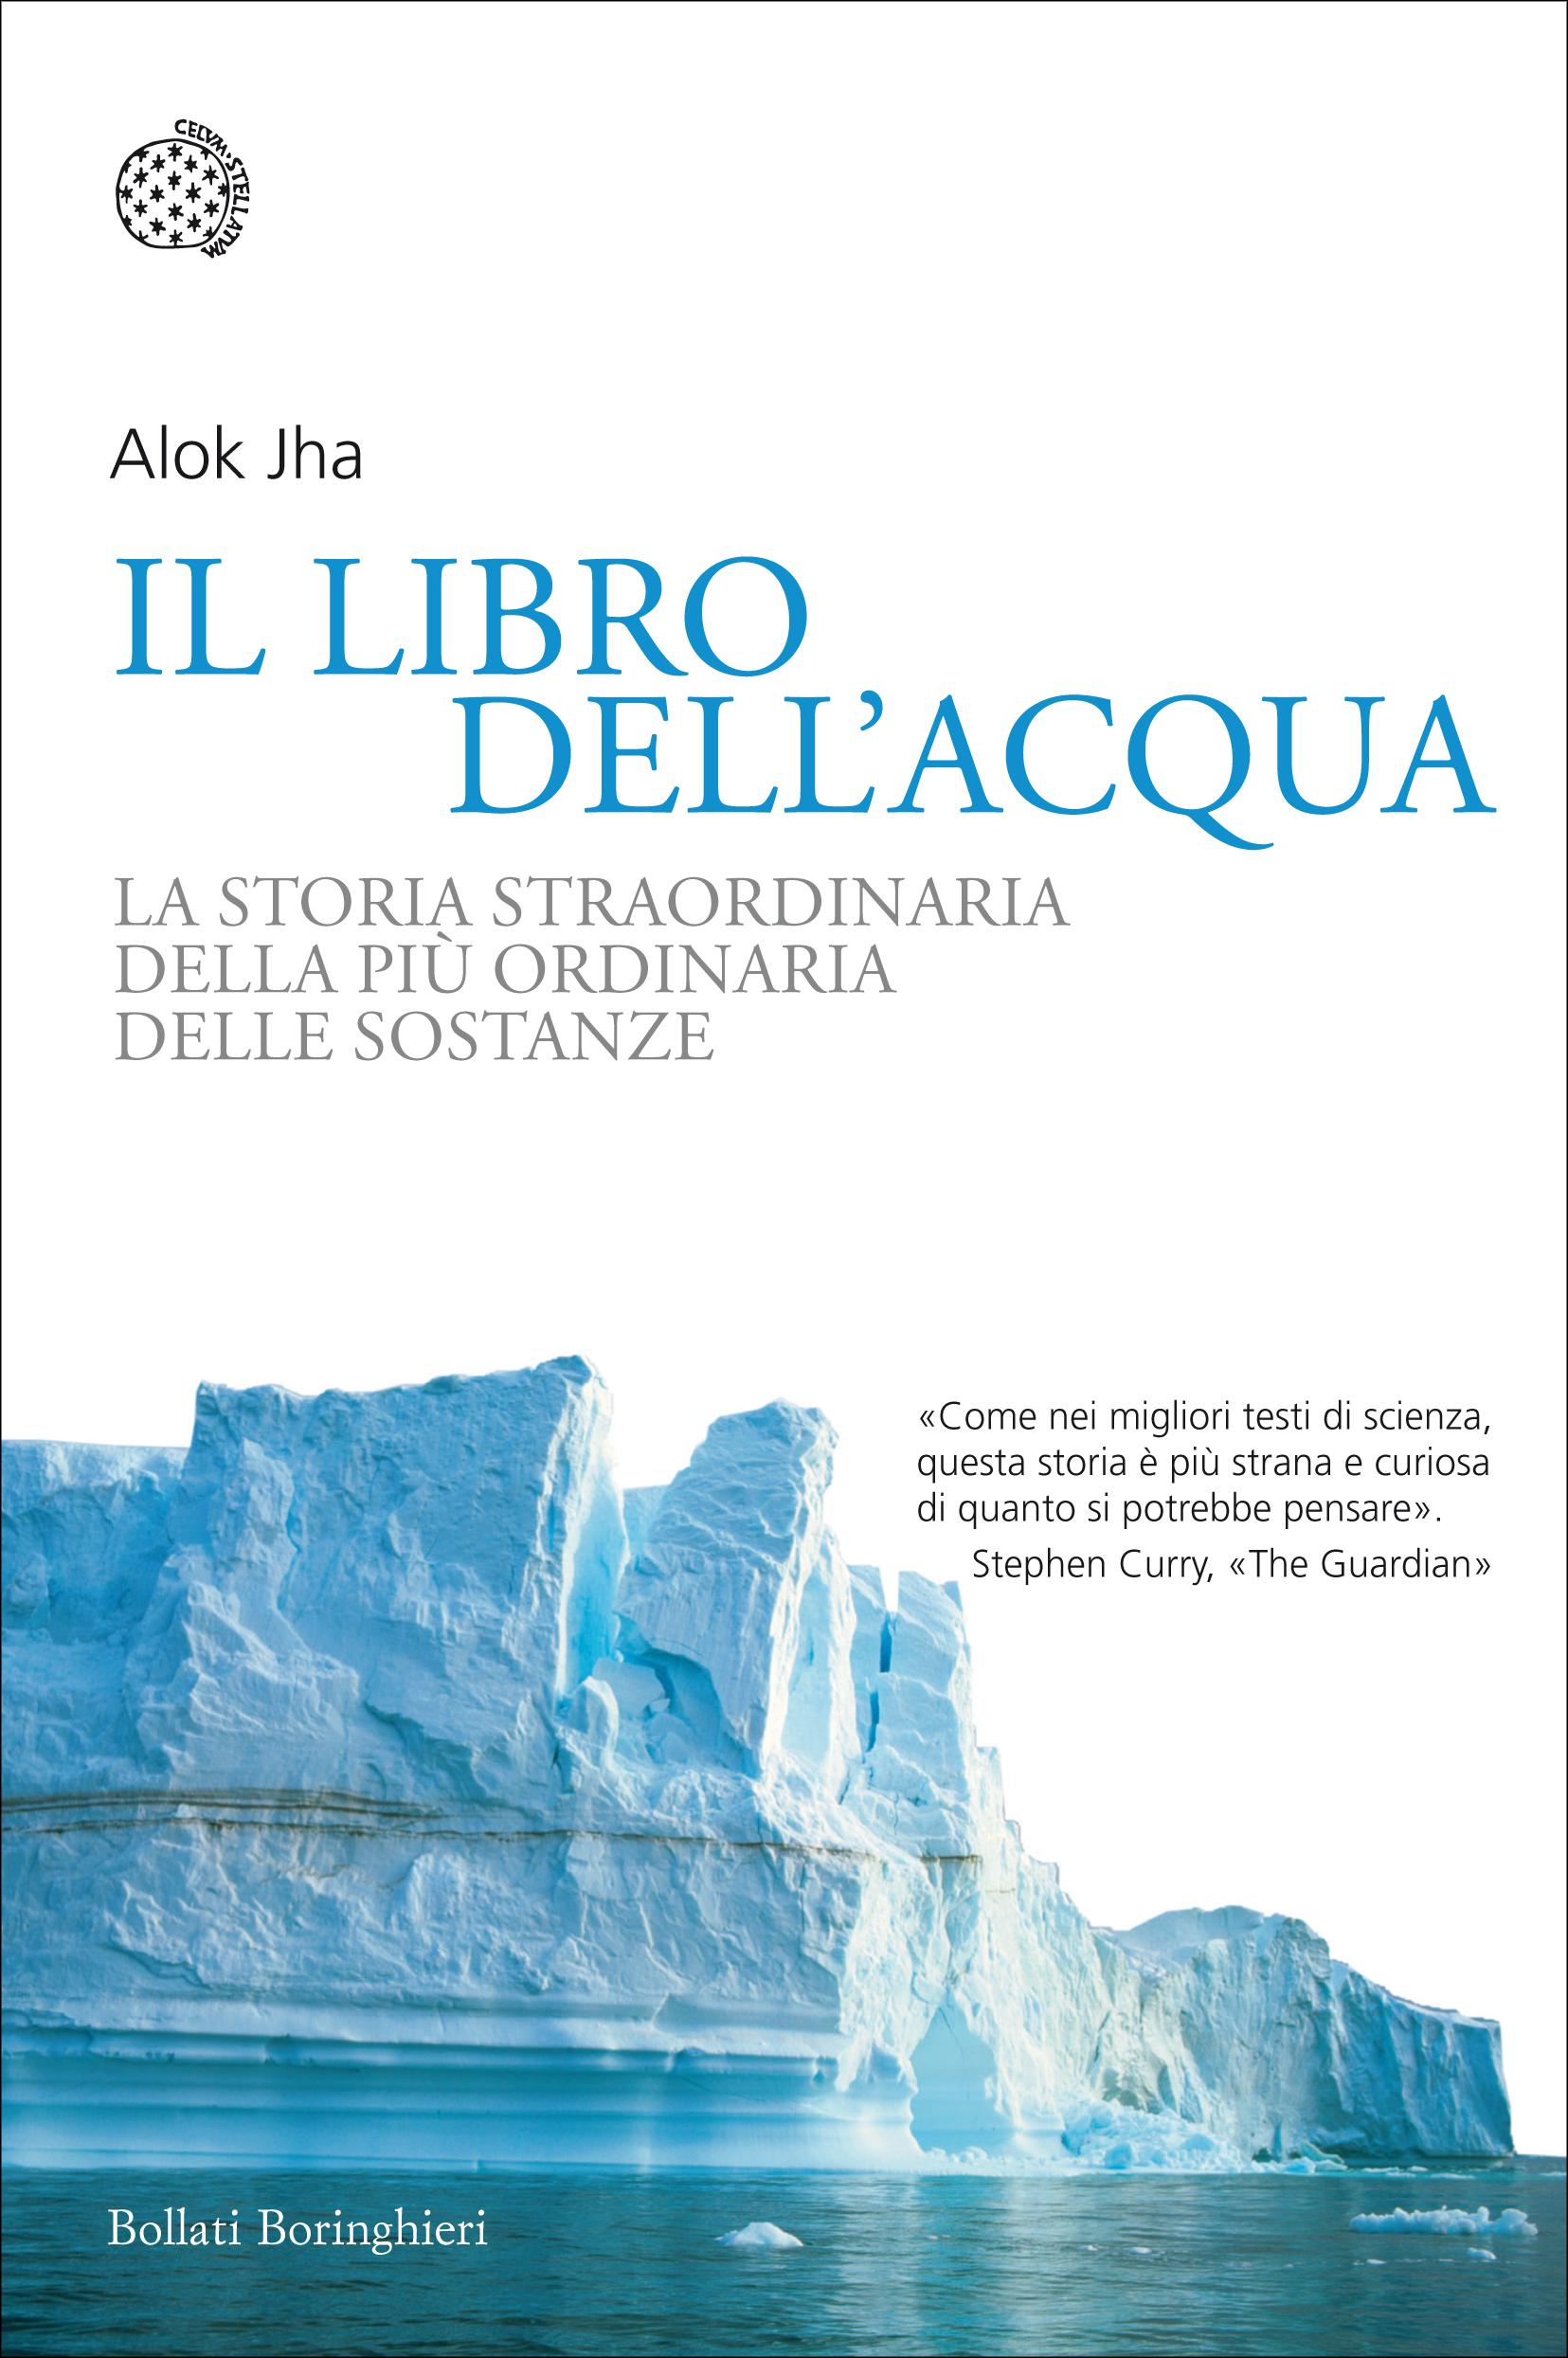 Il libro dell'acqua – Alok Jha